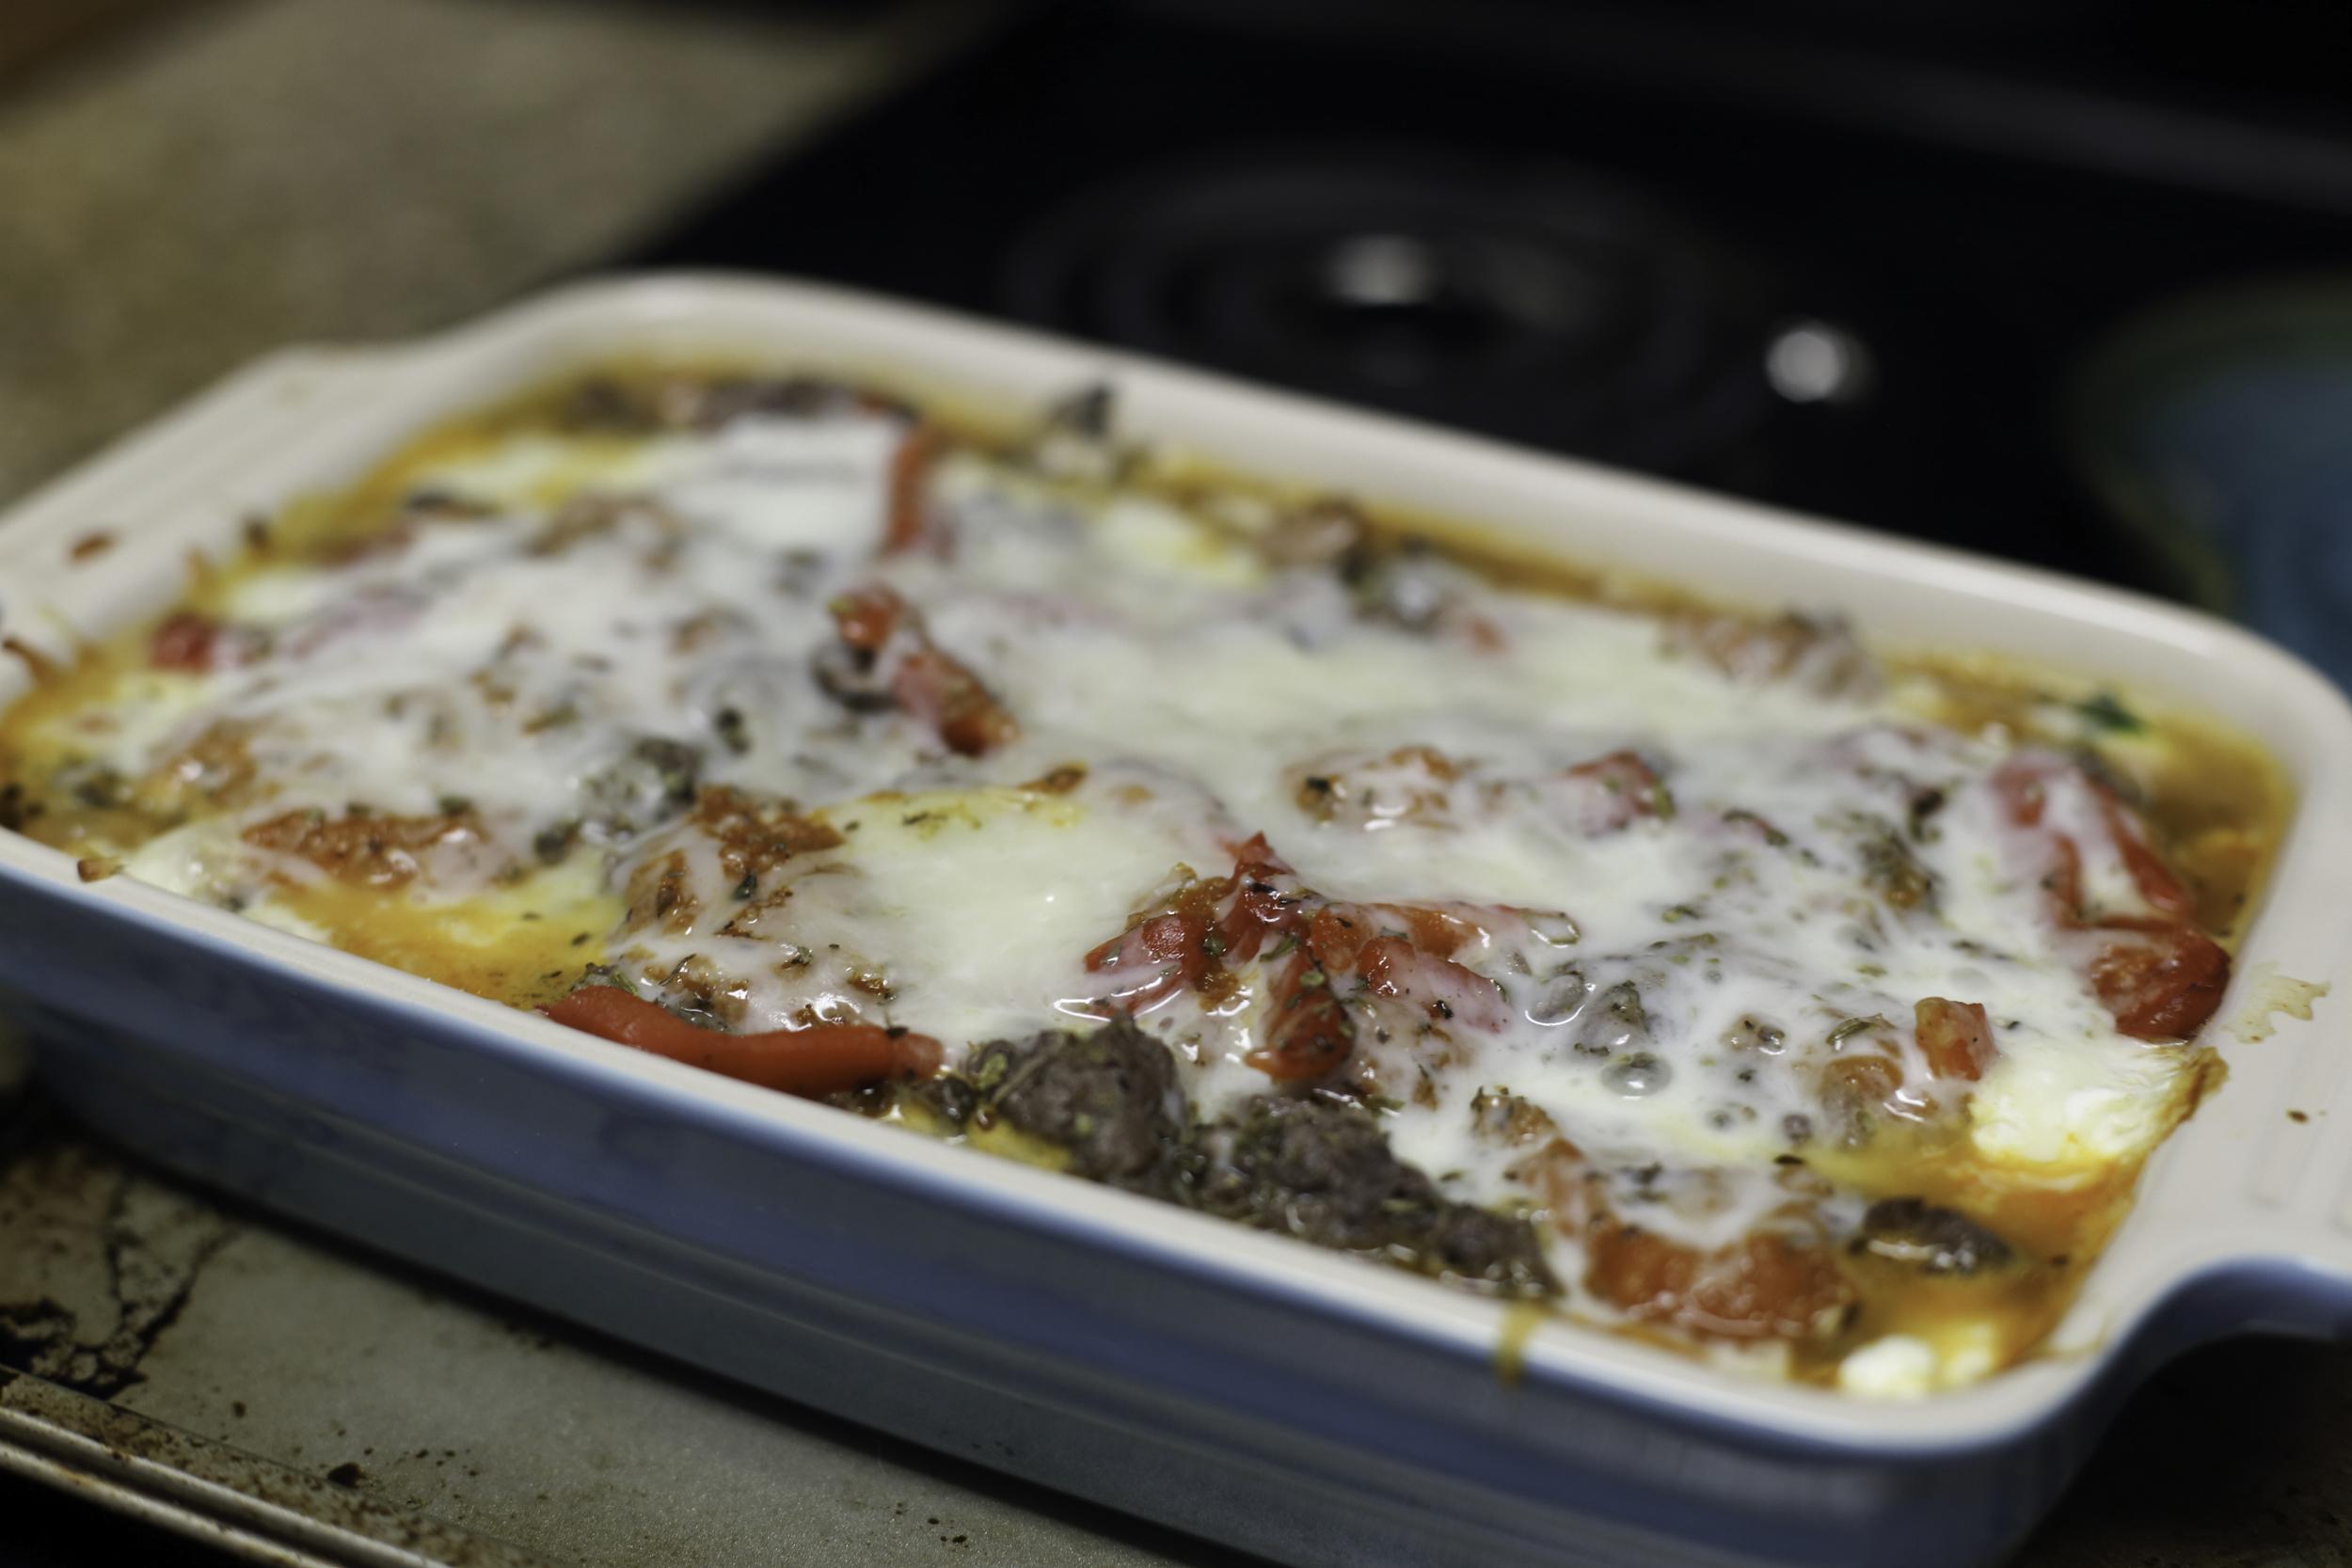 BHR Paleo Zucchini Lasagna recipe over at www.bighornmeat.com/blogs